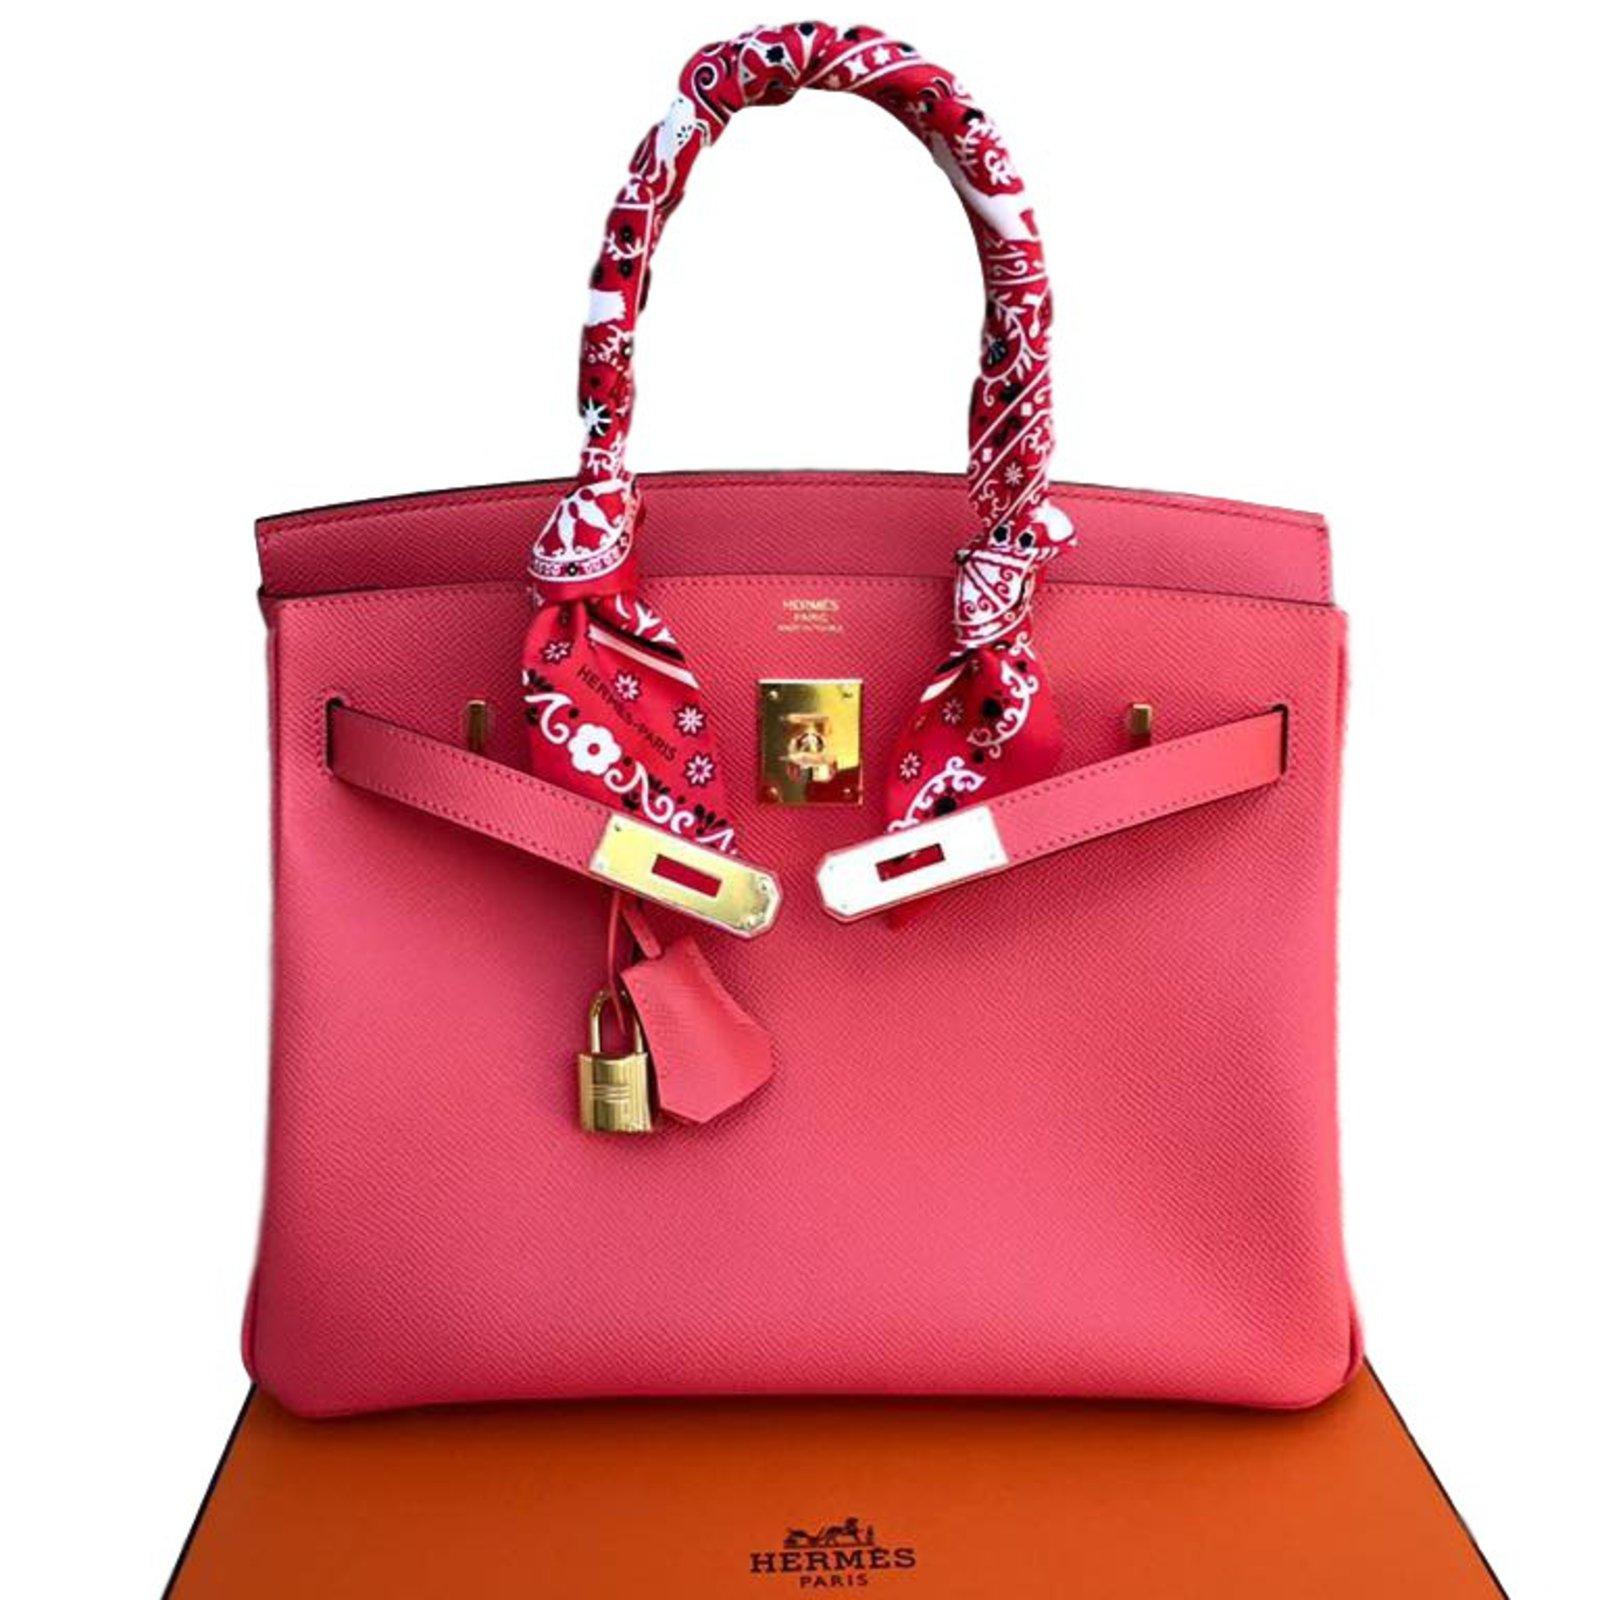 c61bc130c69 Best Hermes Birkin Bag 30 Rose Lipstick Togo Leather Silver ...